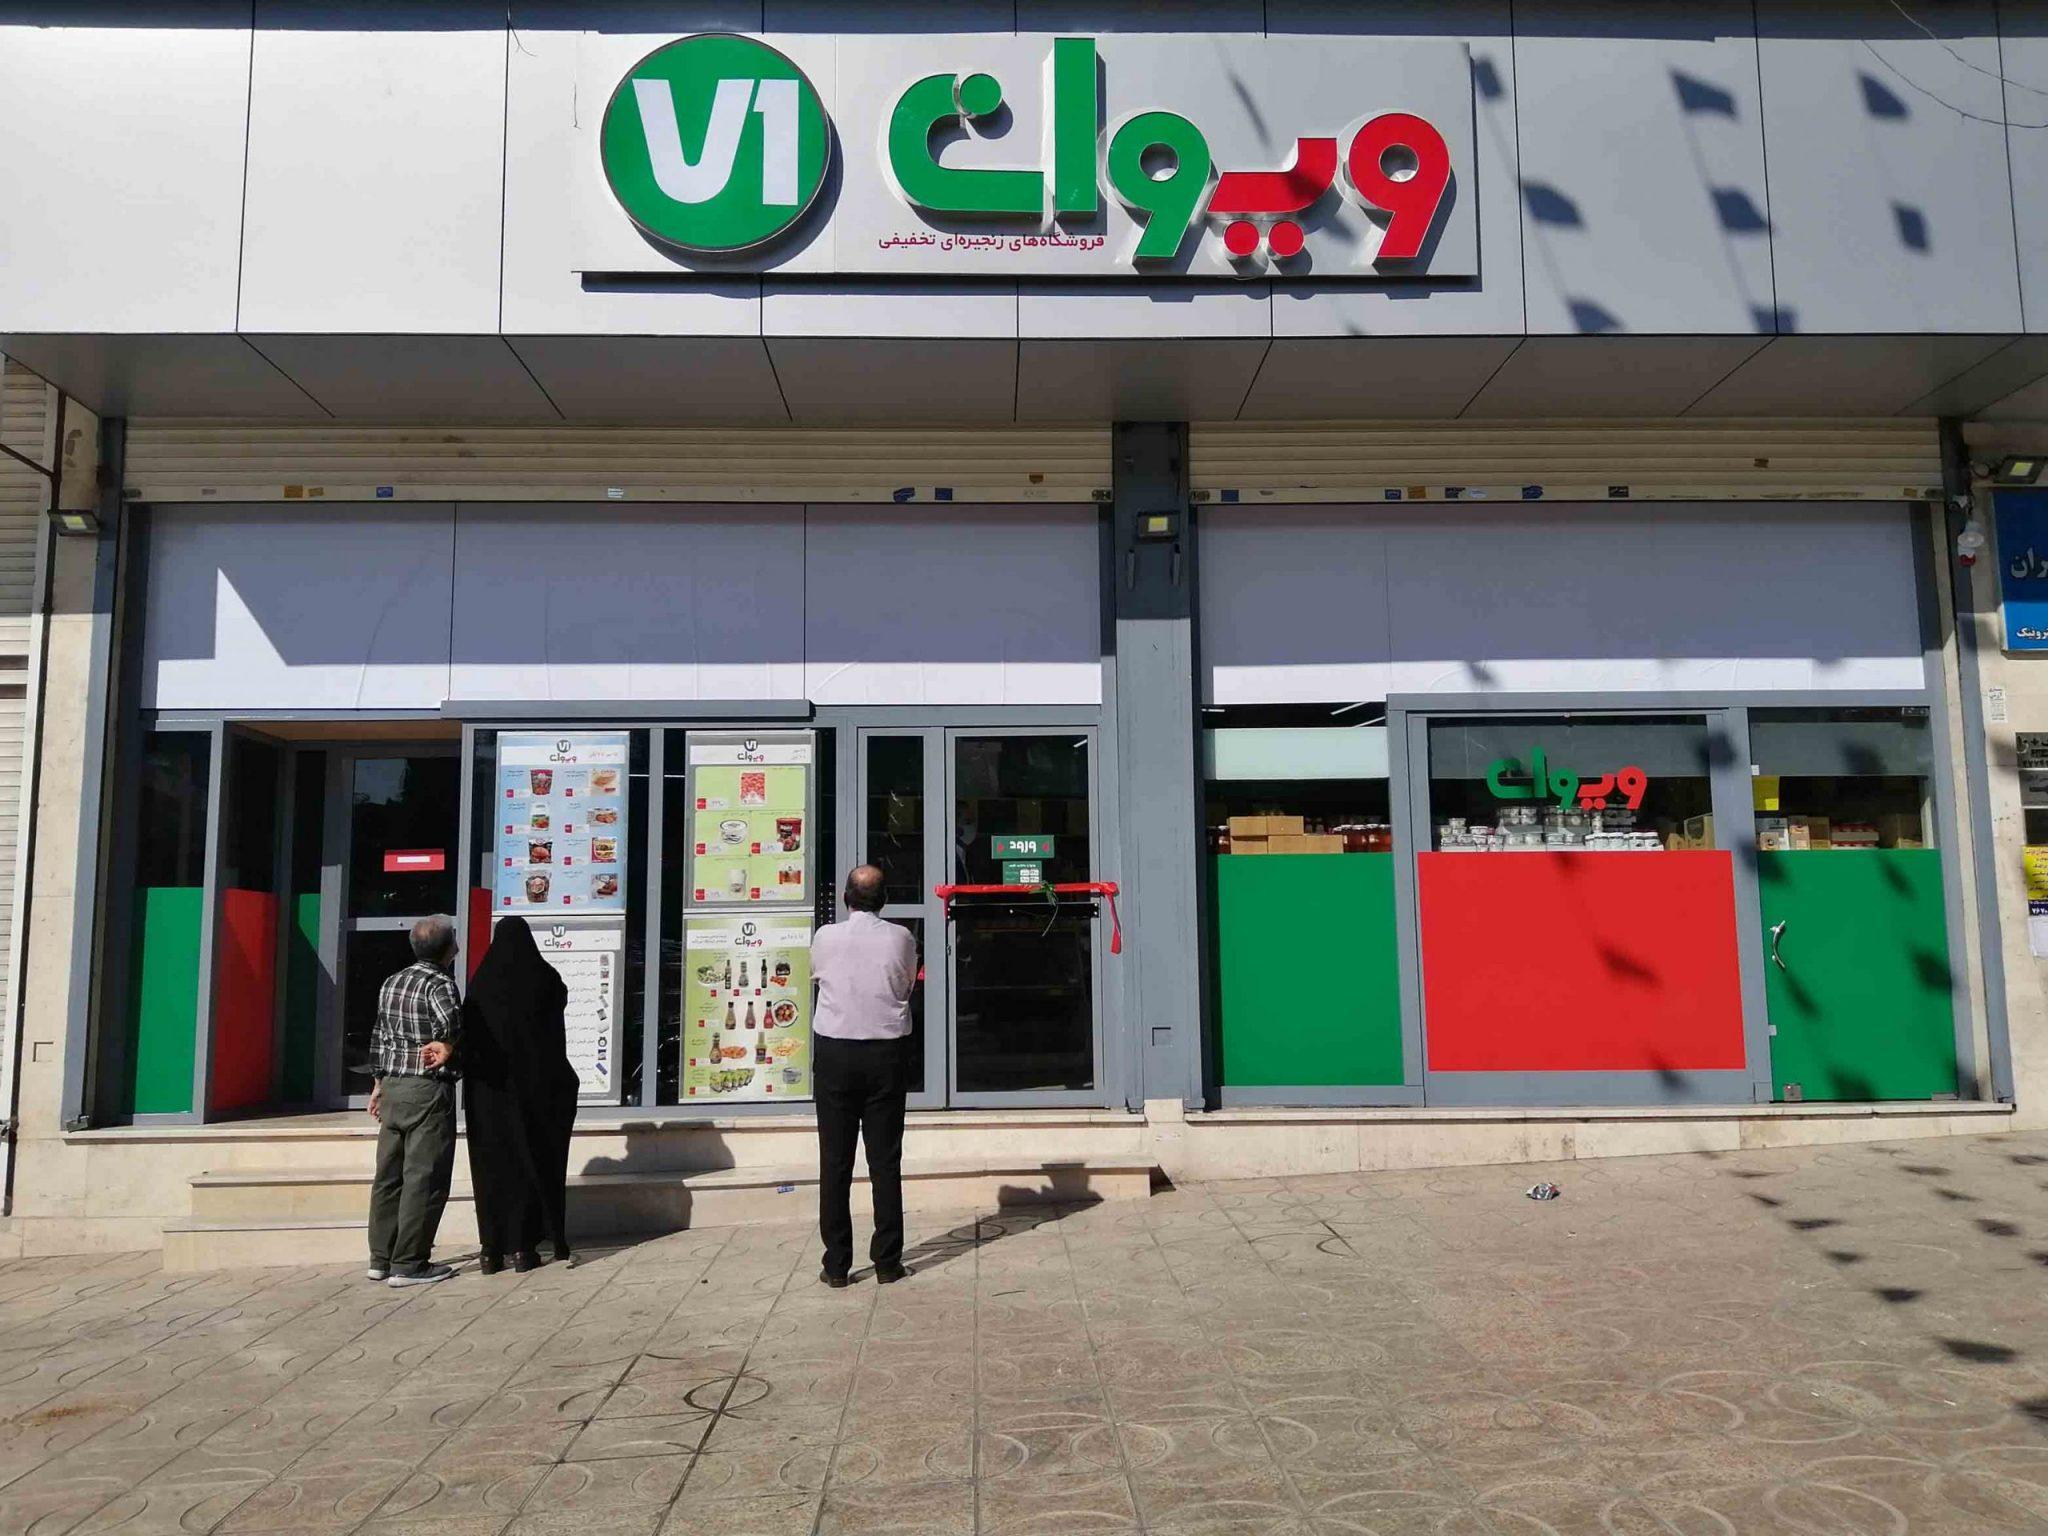 فروشگاه های زنجیره ای تخفیف ویوان در پروین افتتاج شد